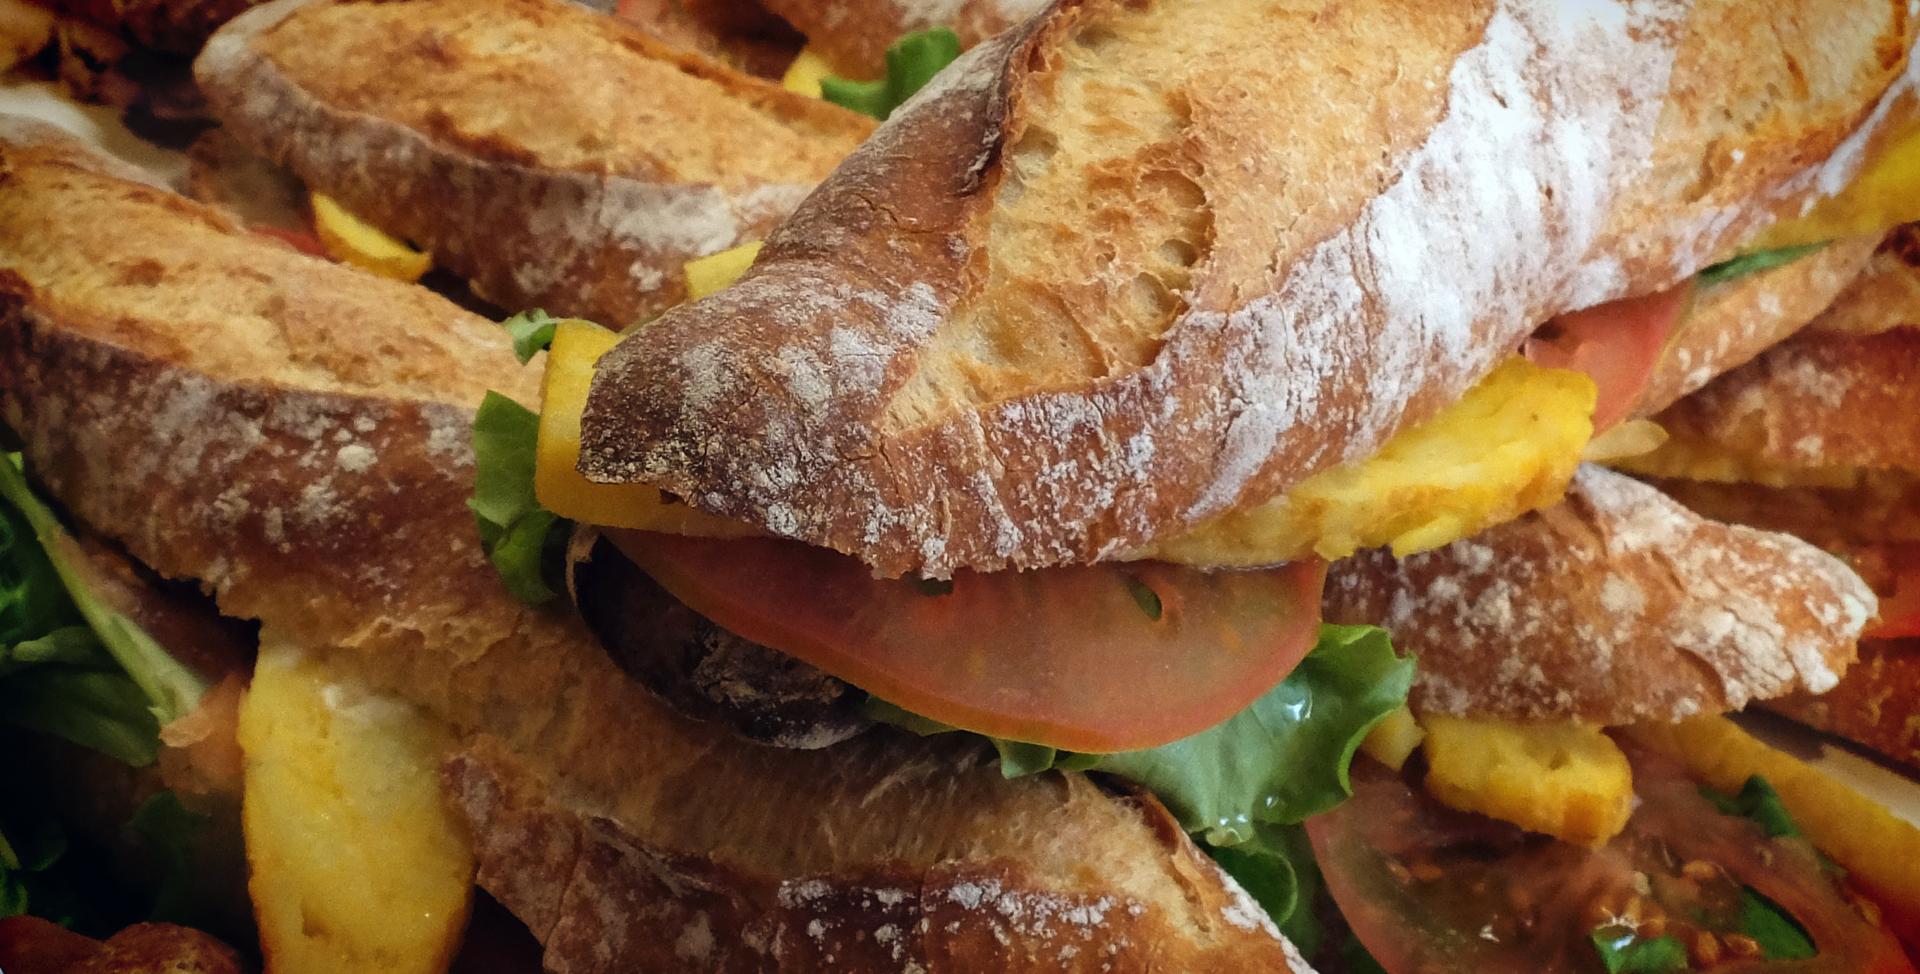 el-trigal-panaderia-pasteleria-catering-cafe-5